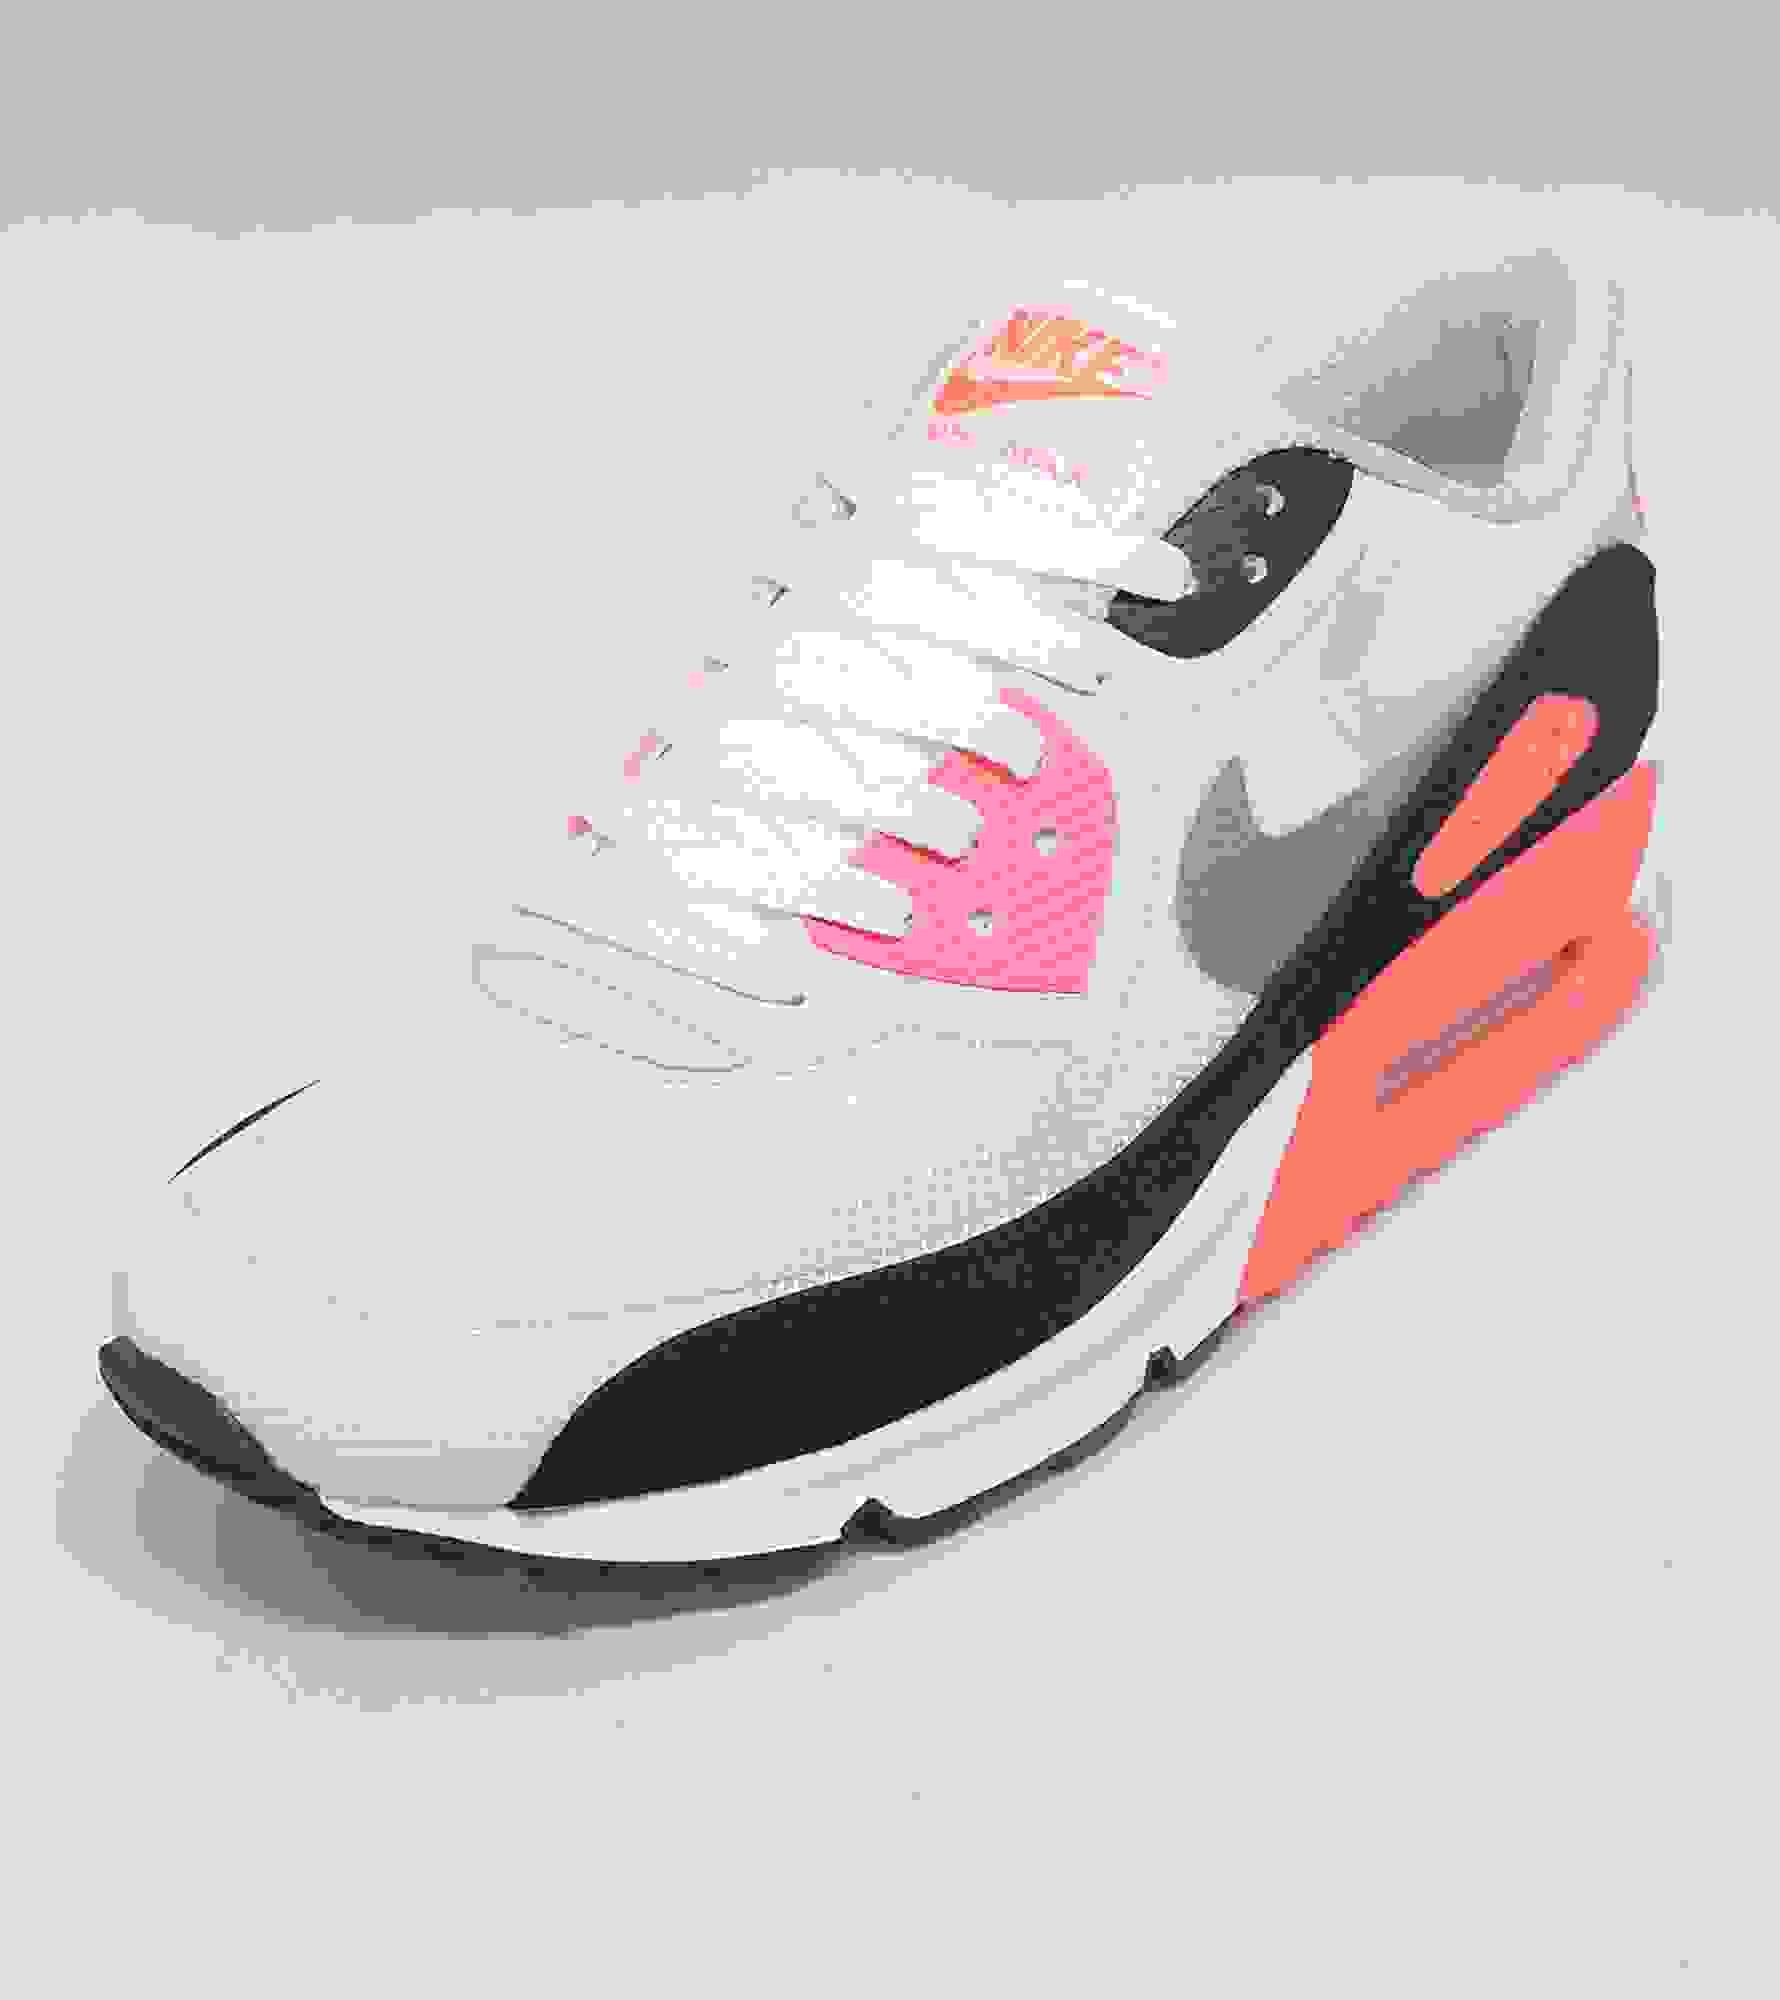 Air Max 90 Tape Qs Knock Off Jordans Size 9  26155c008150